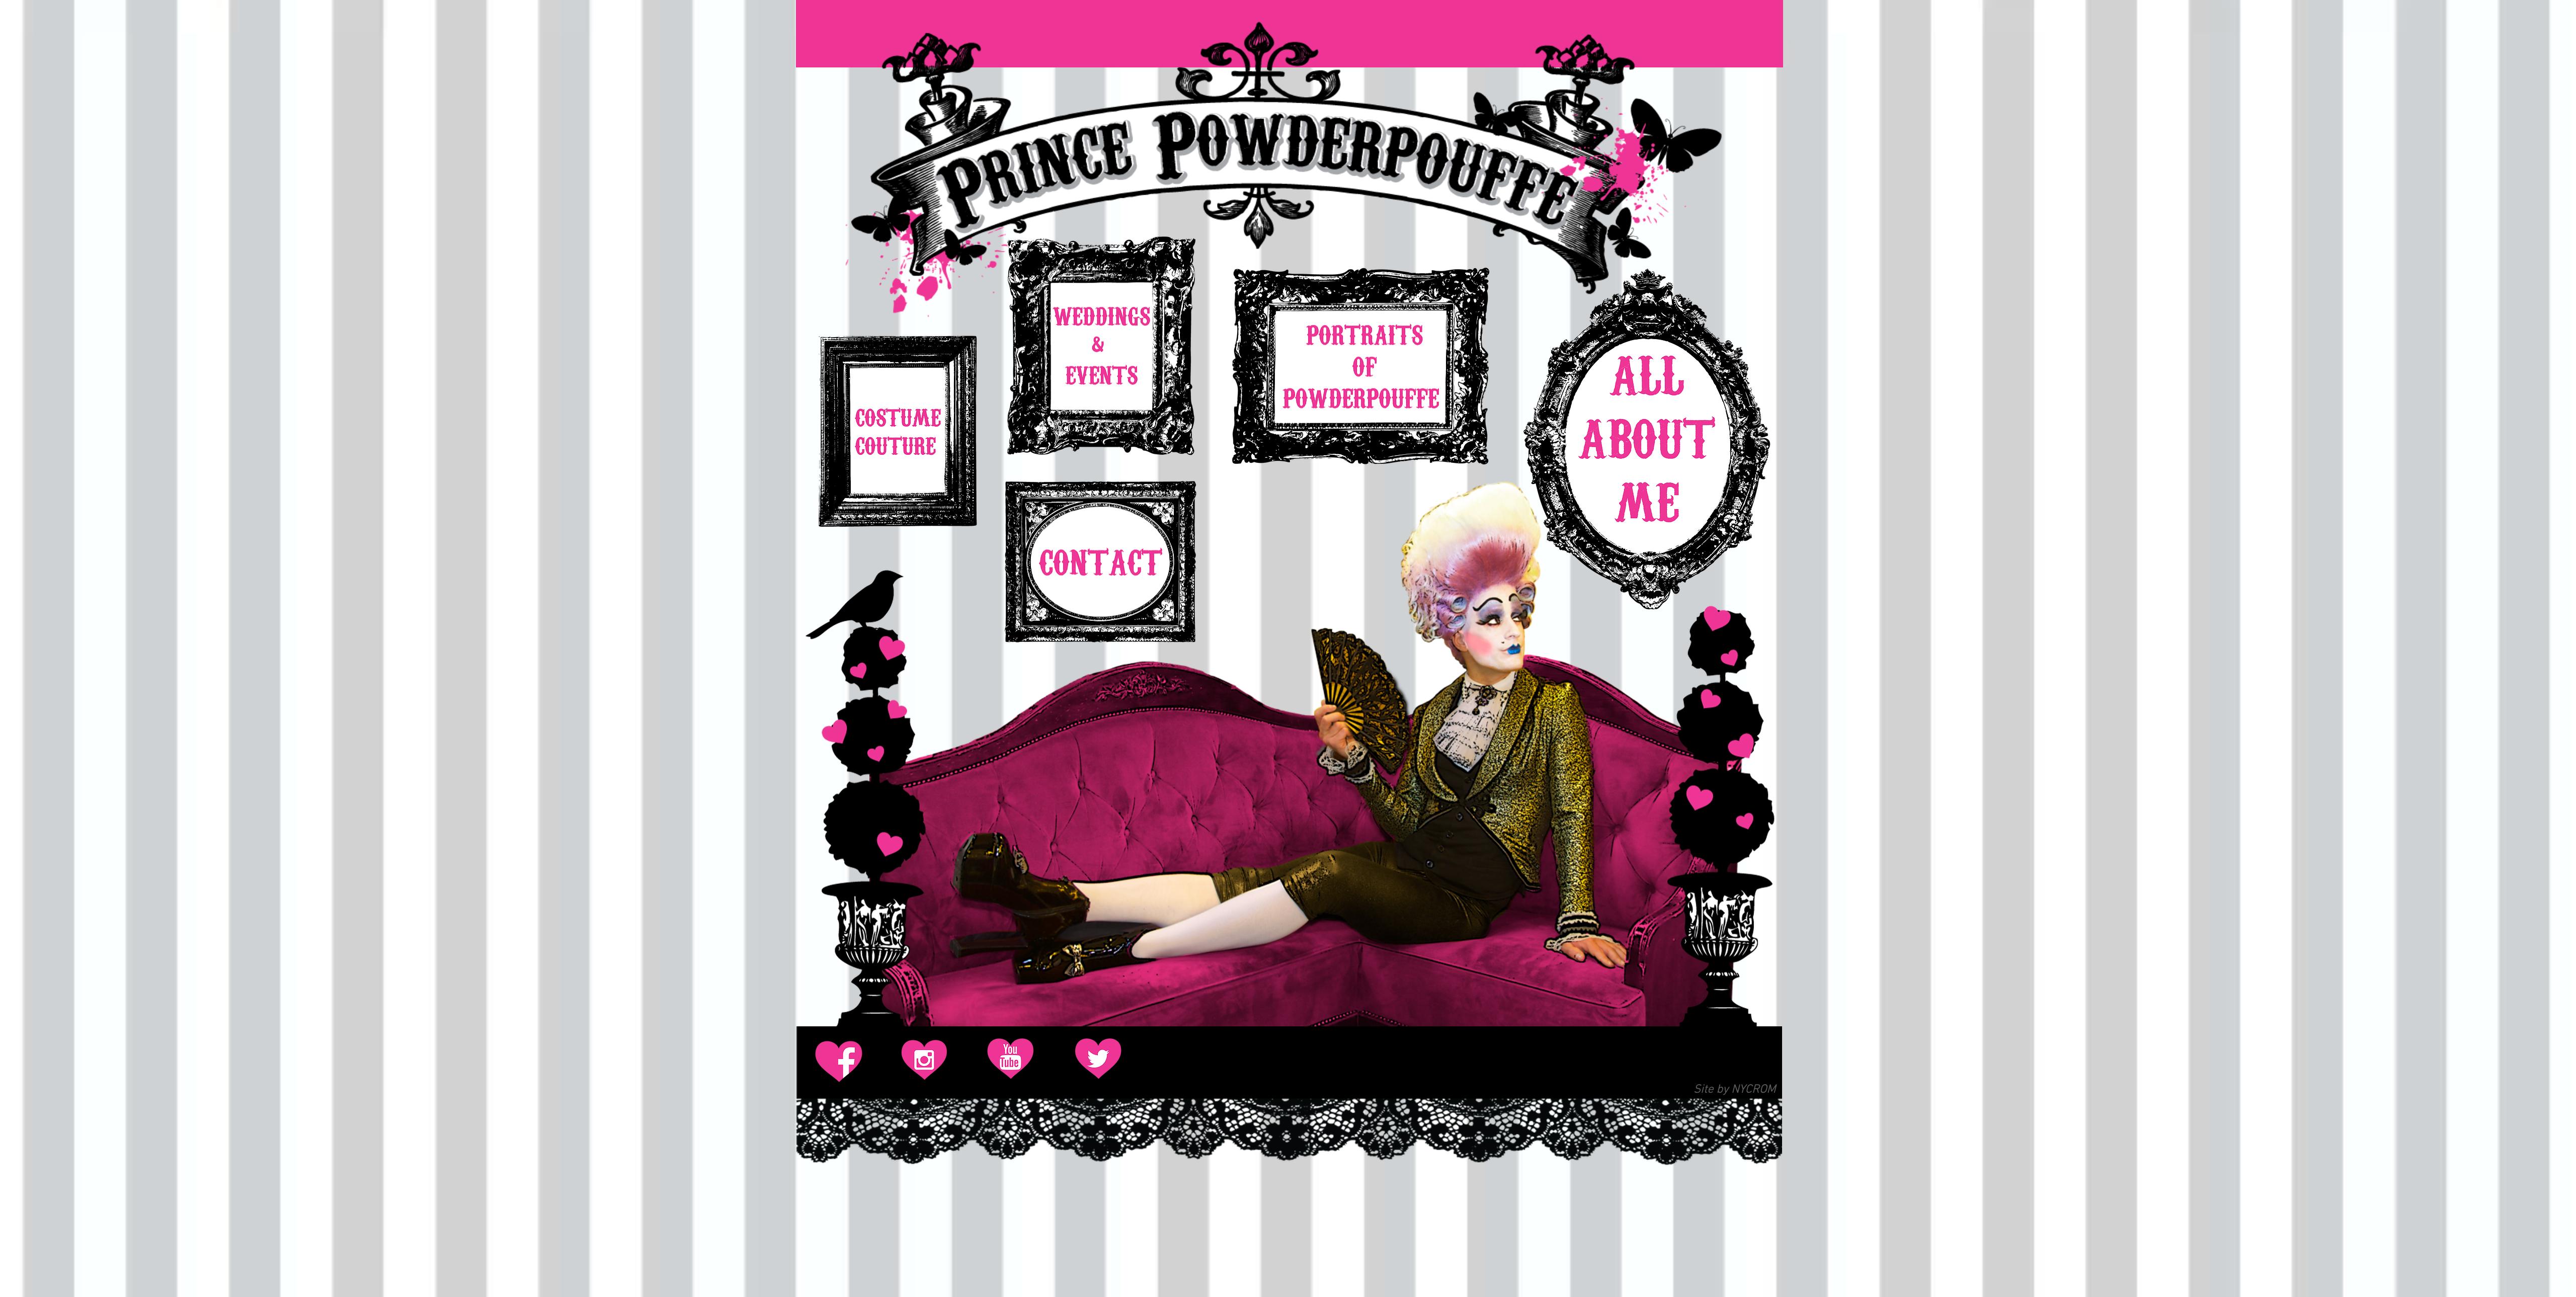 Prince Powderpouffe